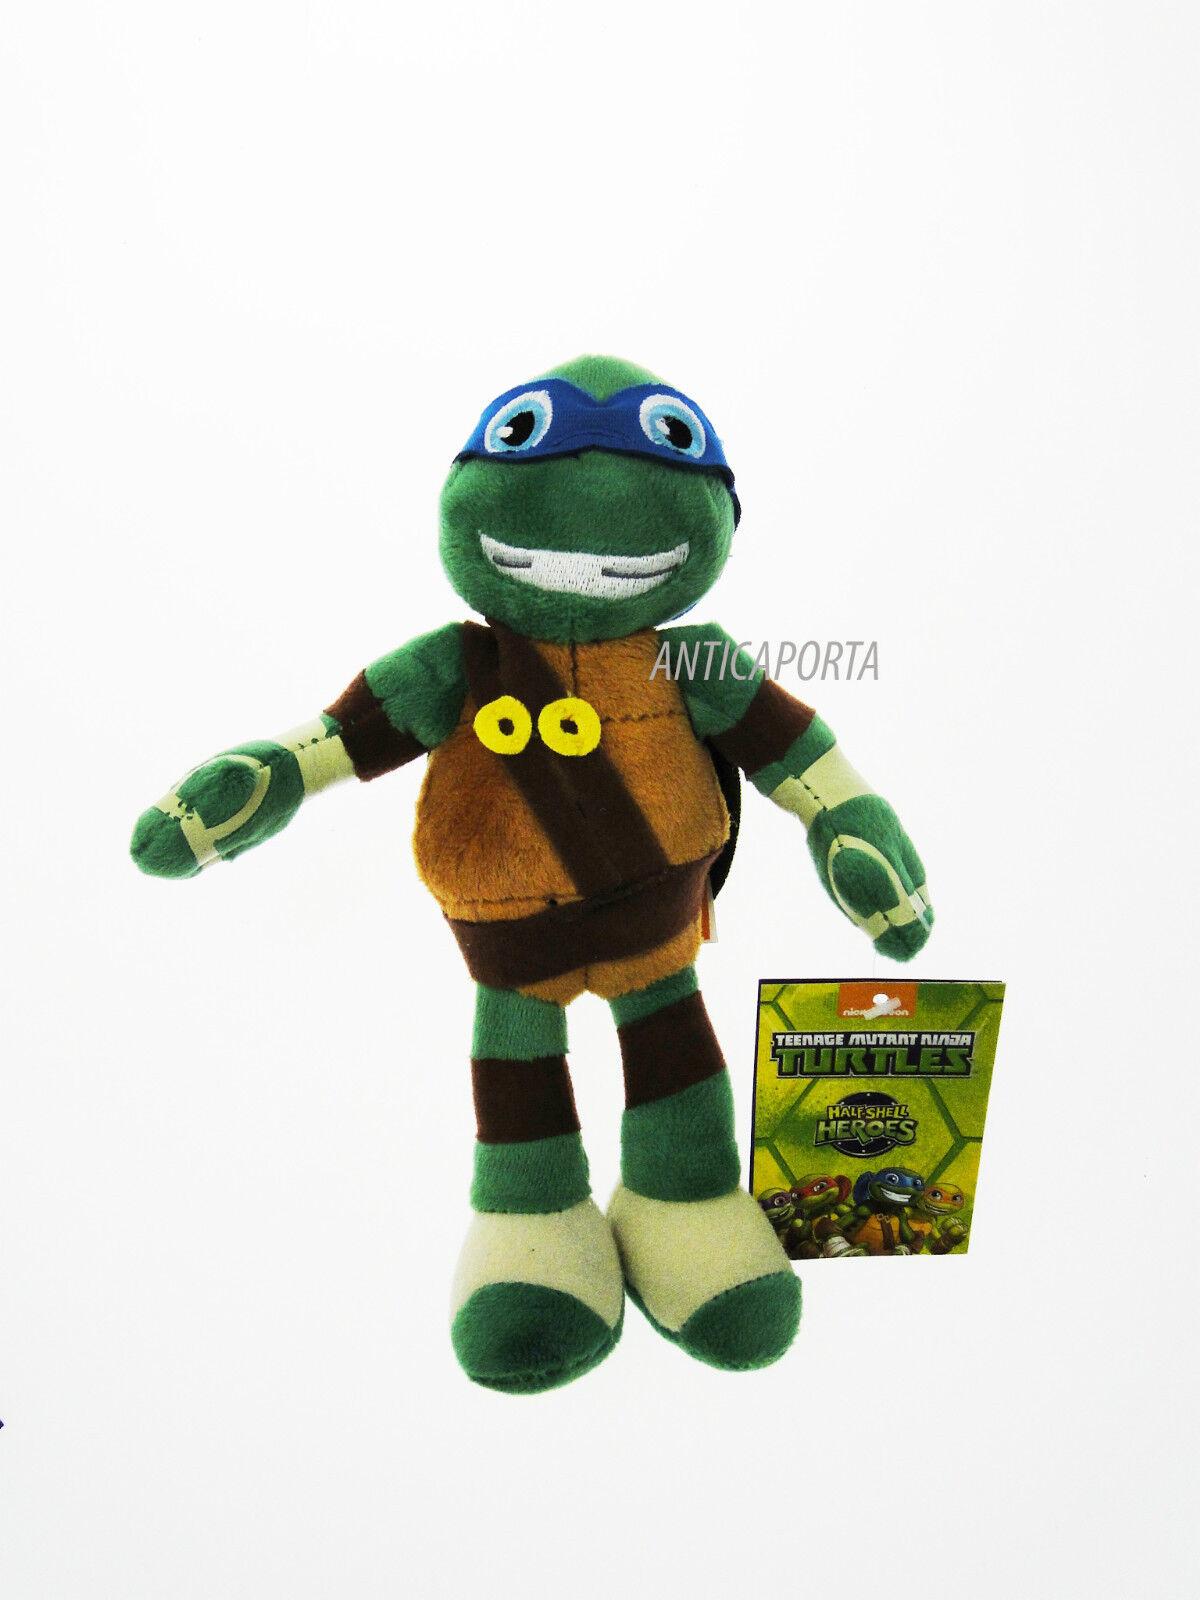 Felpa Tortugas Ninjas Originales Ninja Tortugas Tortugas Ninja Sonriendo 21 cm media concha 2e837c